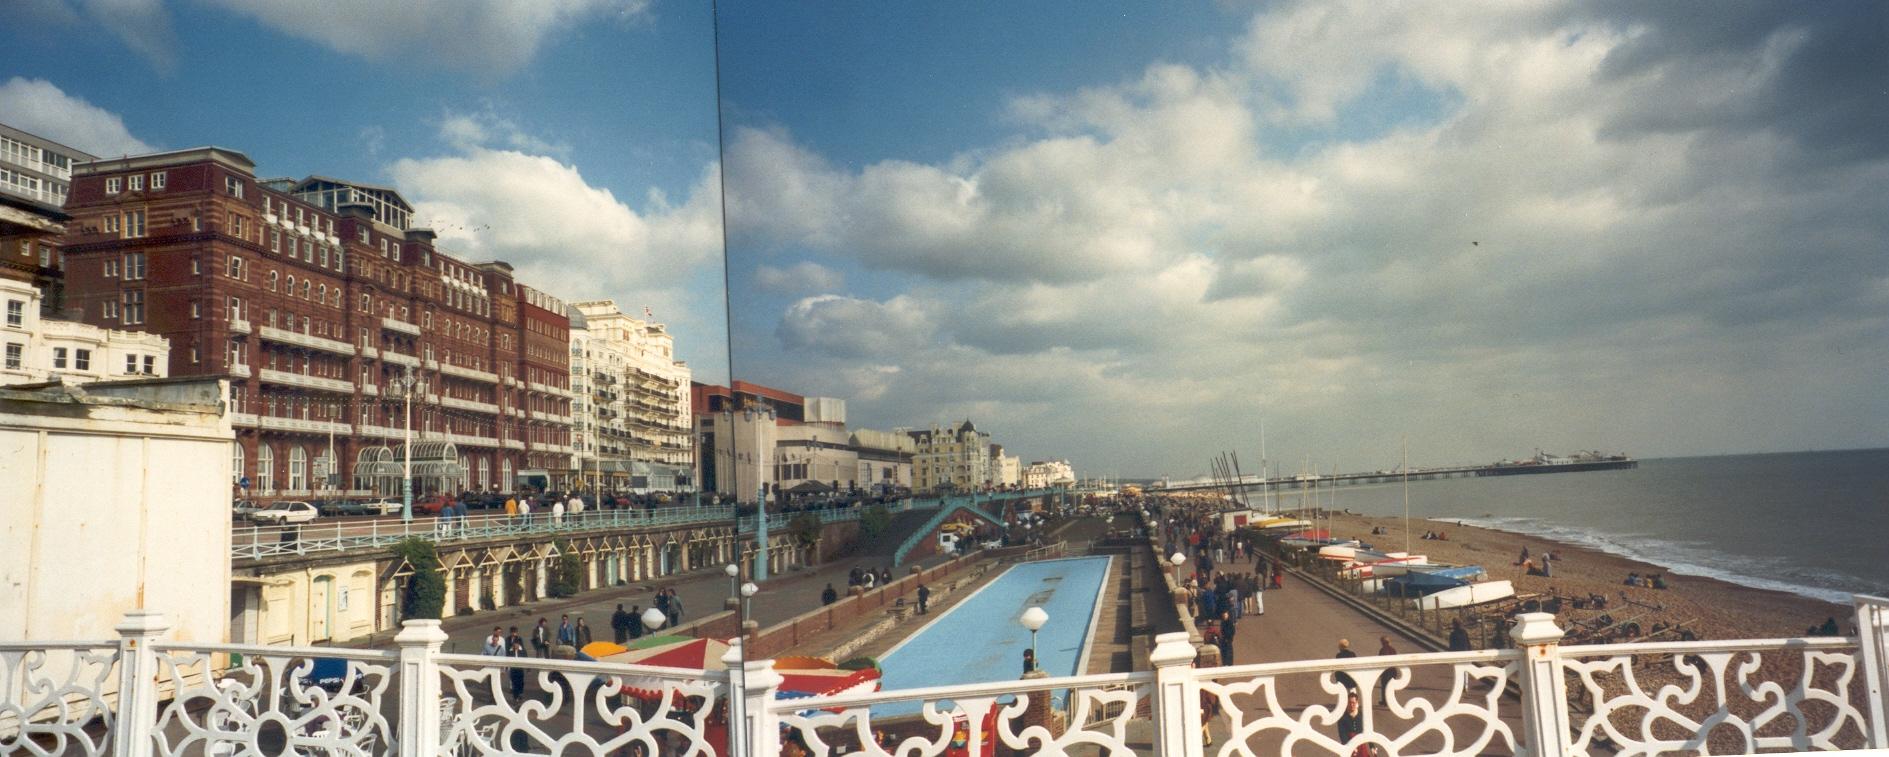 Brighton-a1